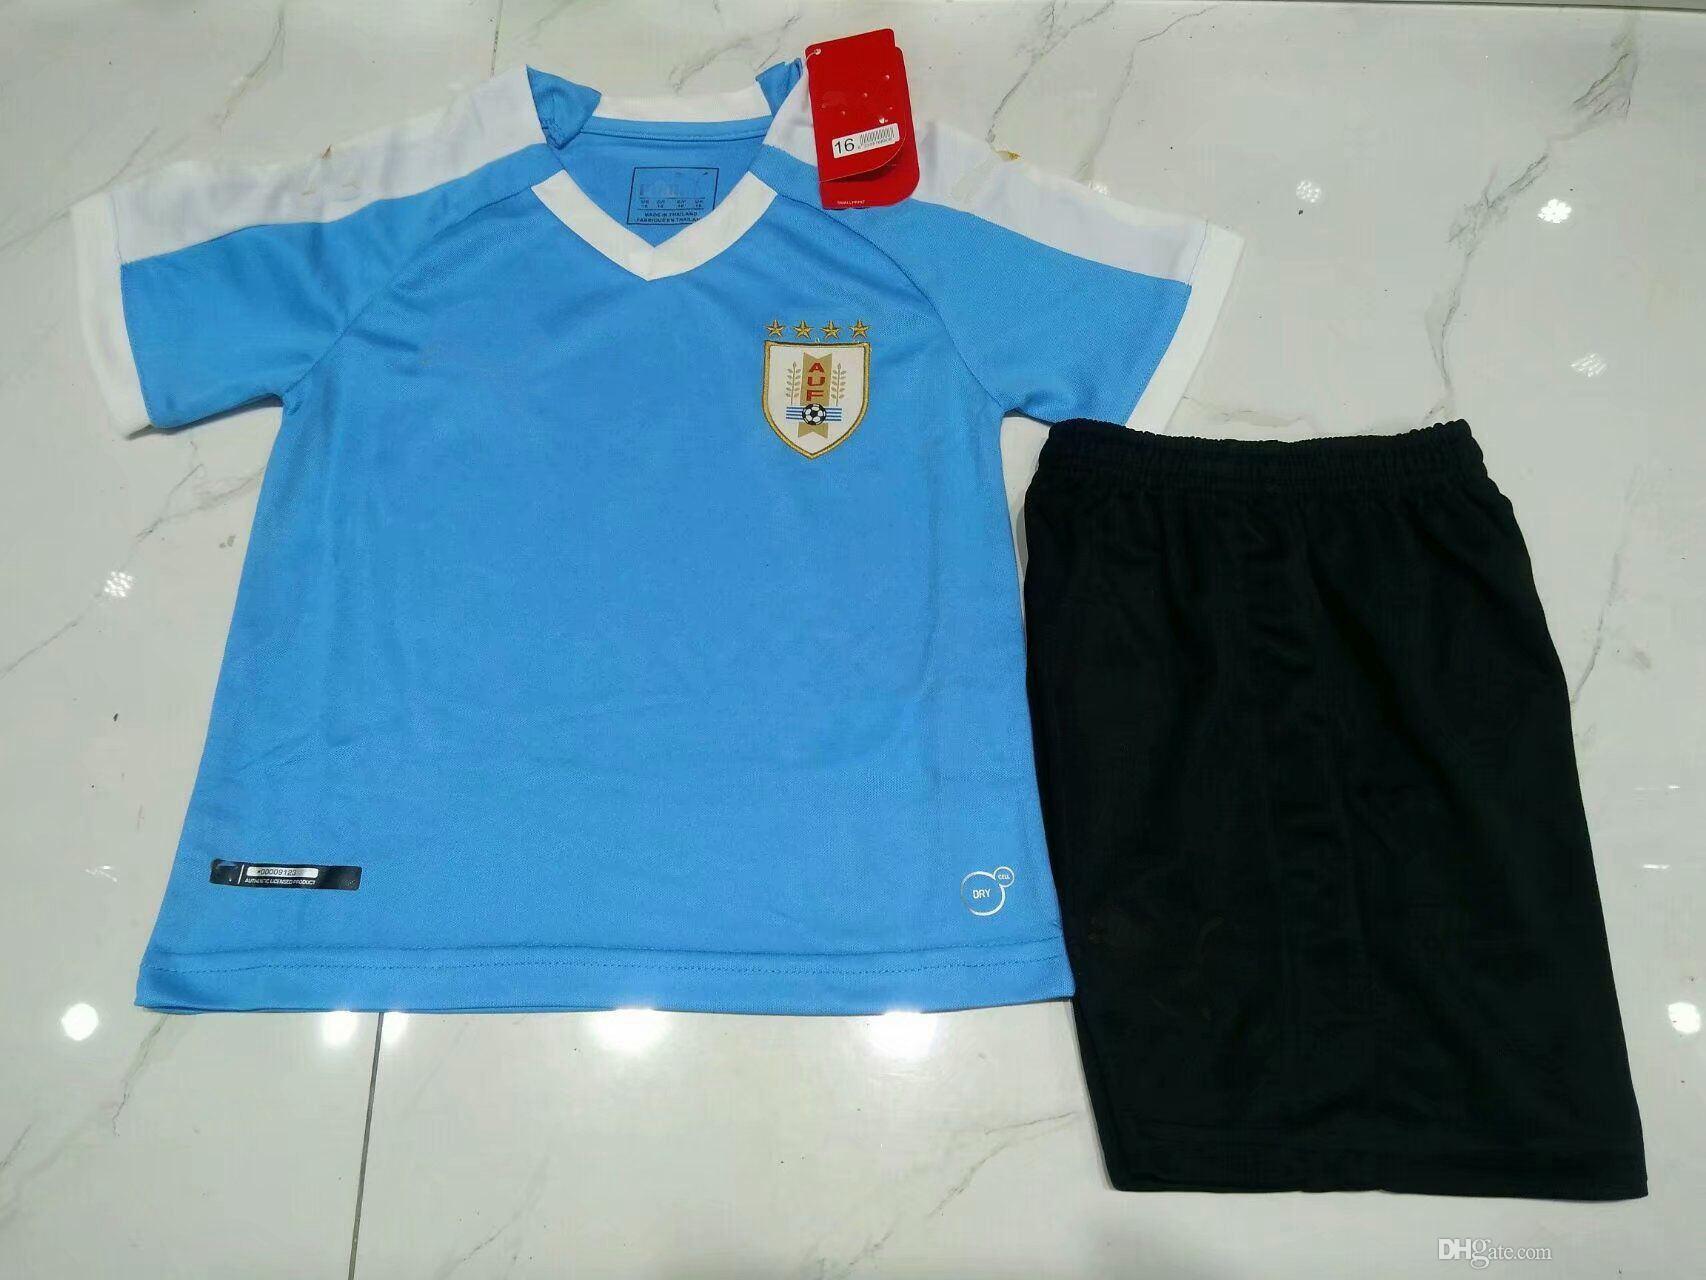 f7deec4e60d75 Copa América 2019 2020 Uruguay Niños Fútbol Jersey 19 20 L.SUAREZ E.CAVANI  En Casa Camisetas De Fútbol Para Niños Por Xx416764580